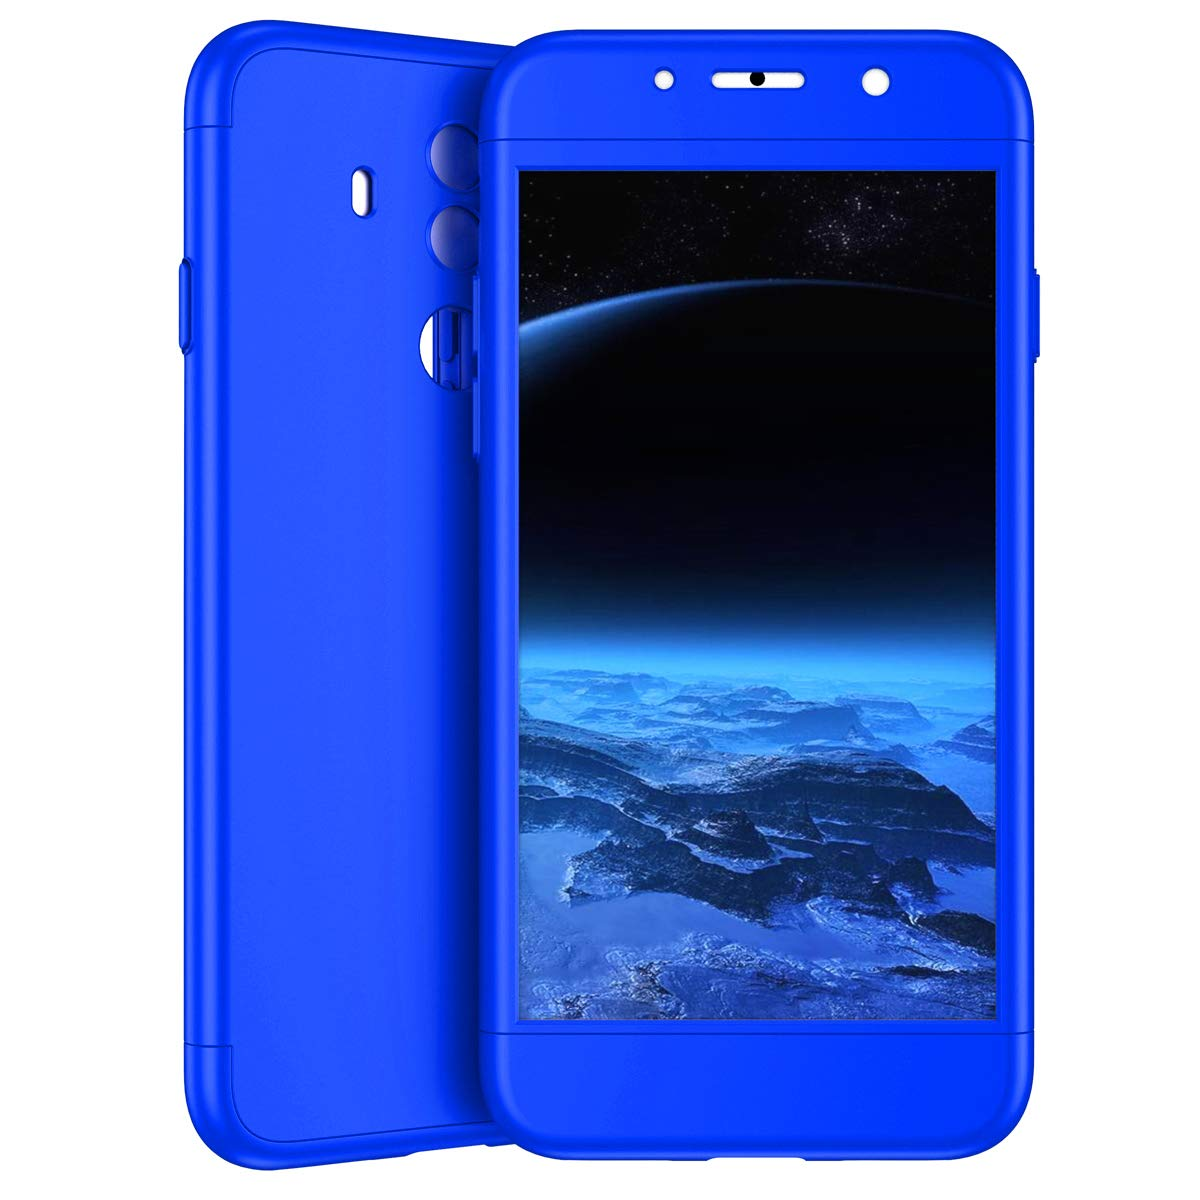 Surakey Compatible avec Coque Huawei Mate 10 Pro Etui Verre Tremp/é,Coque int/égrale Full Body 360 degr/és compl/ète Protecteur Anti-Rayures PC Hard Housse Hybride Etui Pour Huawei Mate 10 Pro,Argent Noir